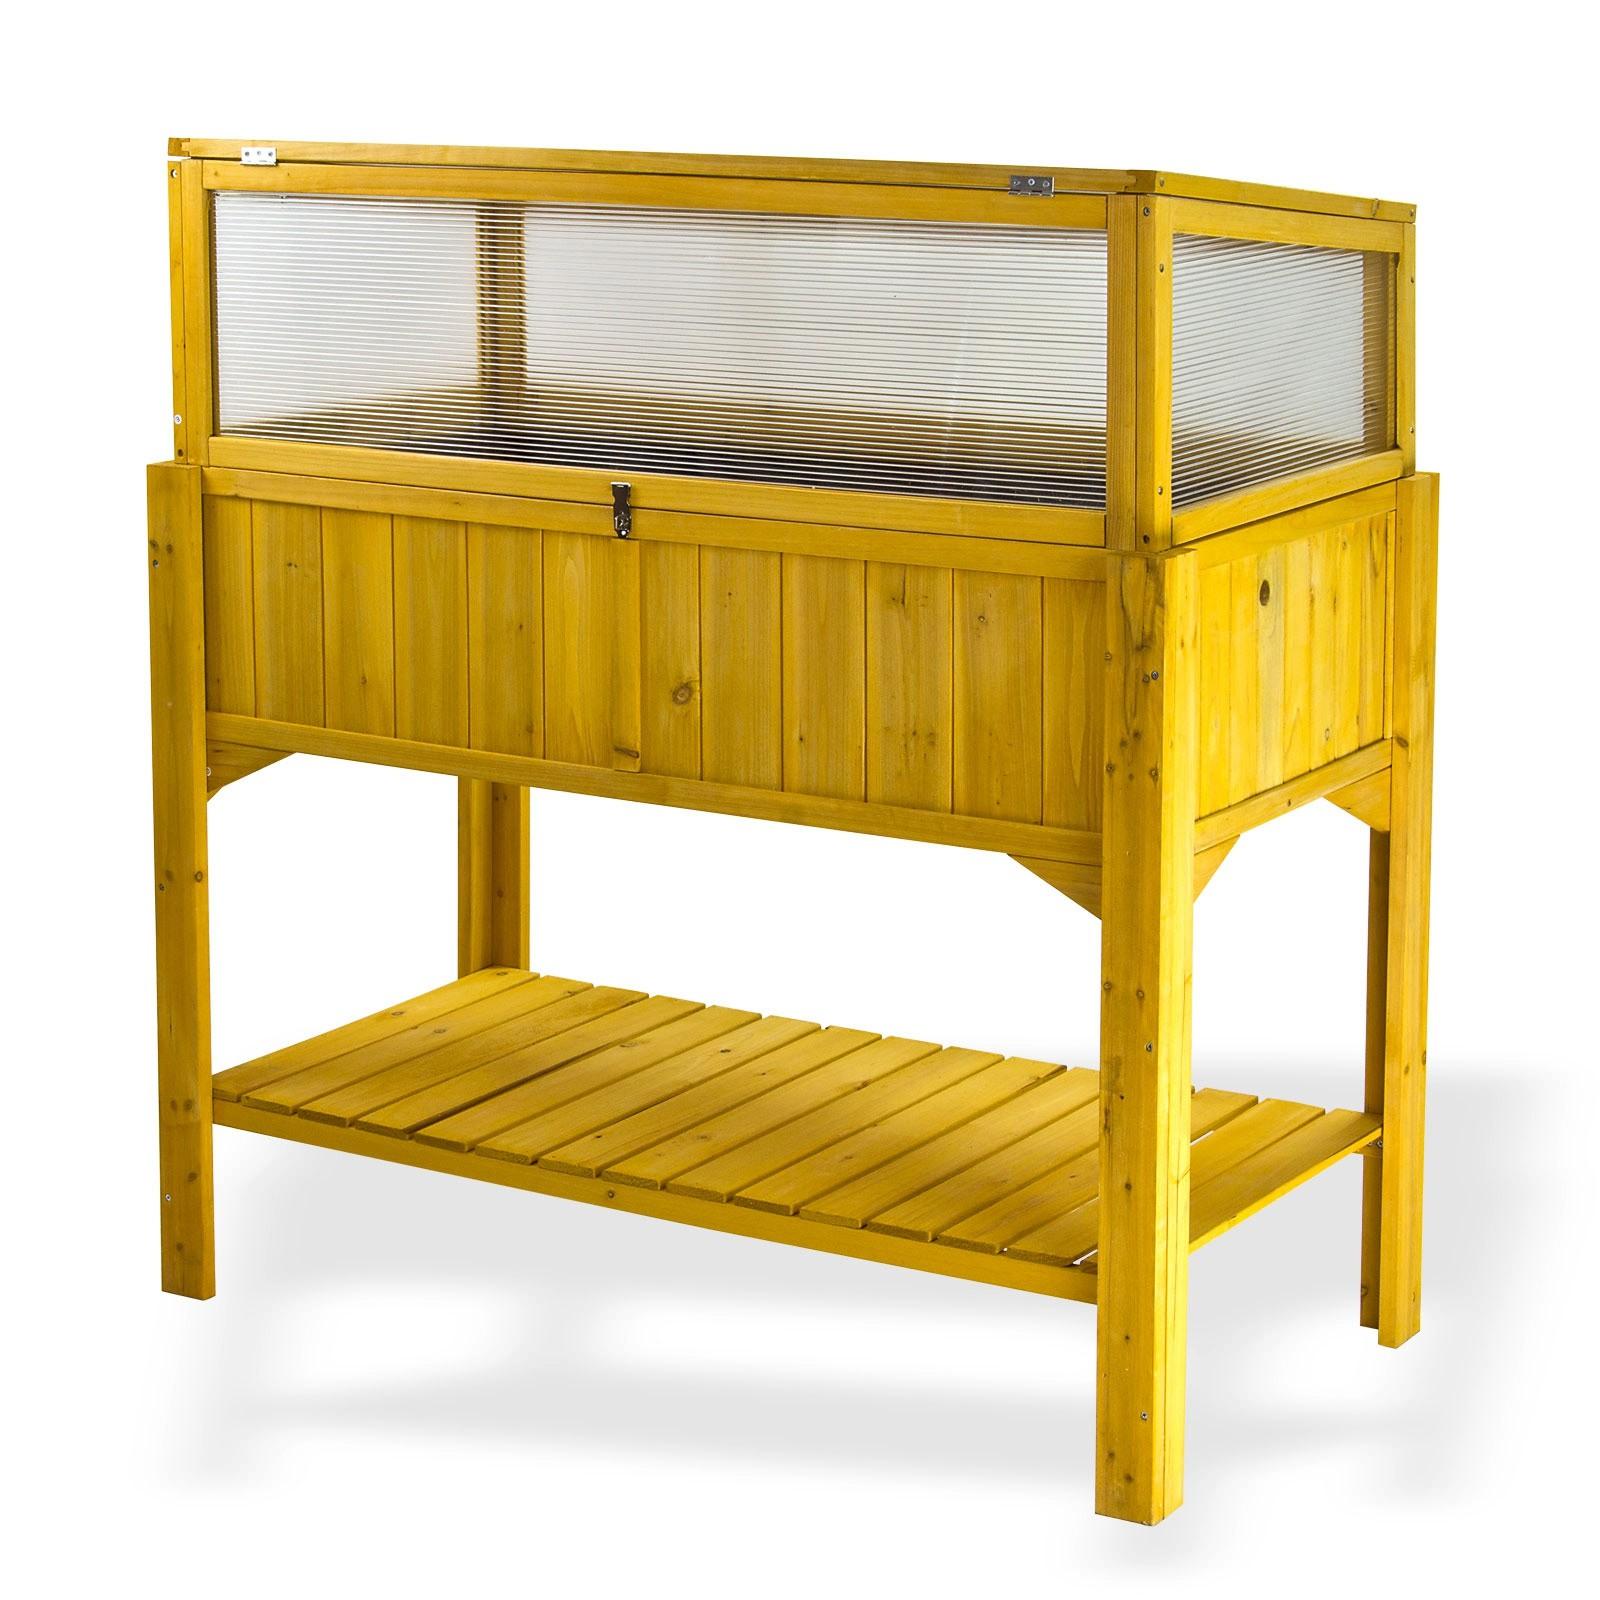 hochbeet lucca mit fr hbeetaufsatz garten beet fr hbeet aufsatz nadelholz ablage ebay. Black Bedroom Furniture Sets. Home Design Ideas